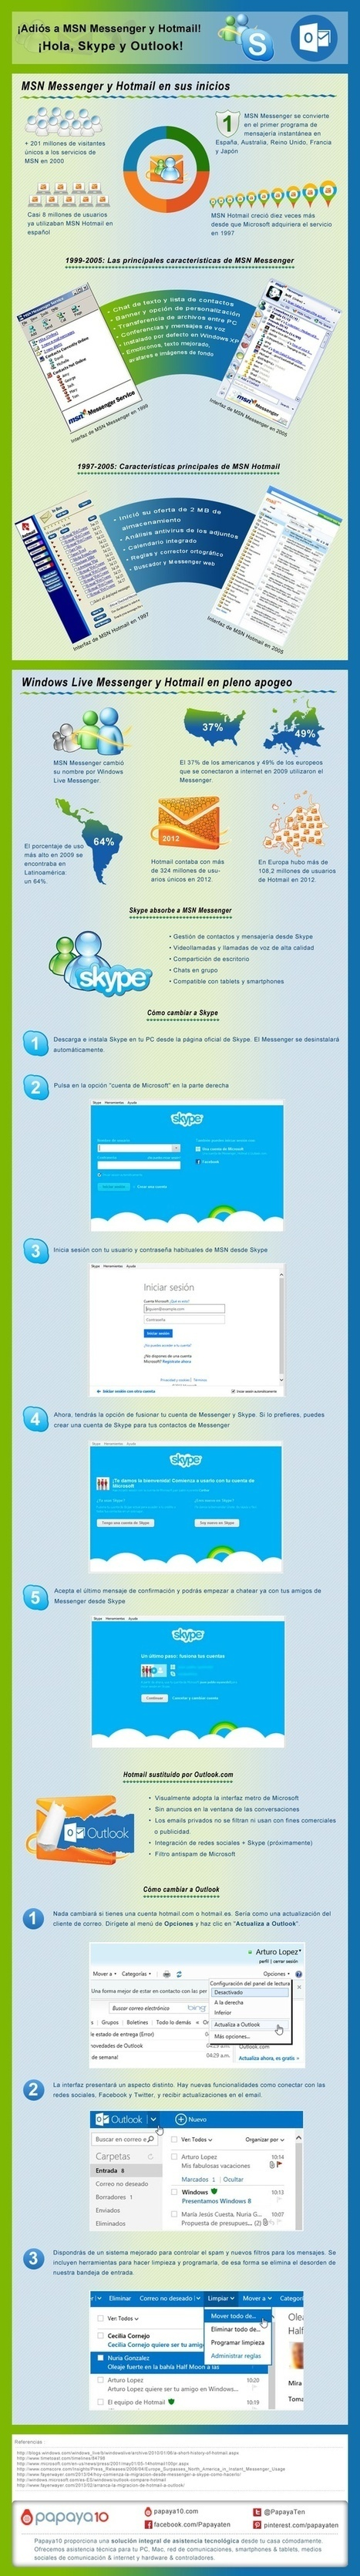 Historia de Hotmail y Windows Live Messenger, más guías para el cambio a Outlook y Skype   Uso inteligente de las herramientas TIC   Scoop.it